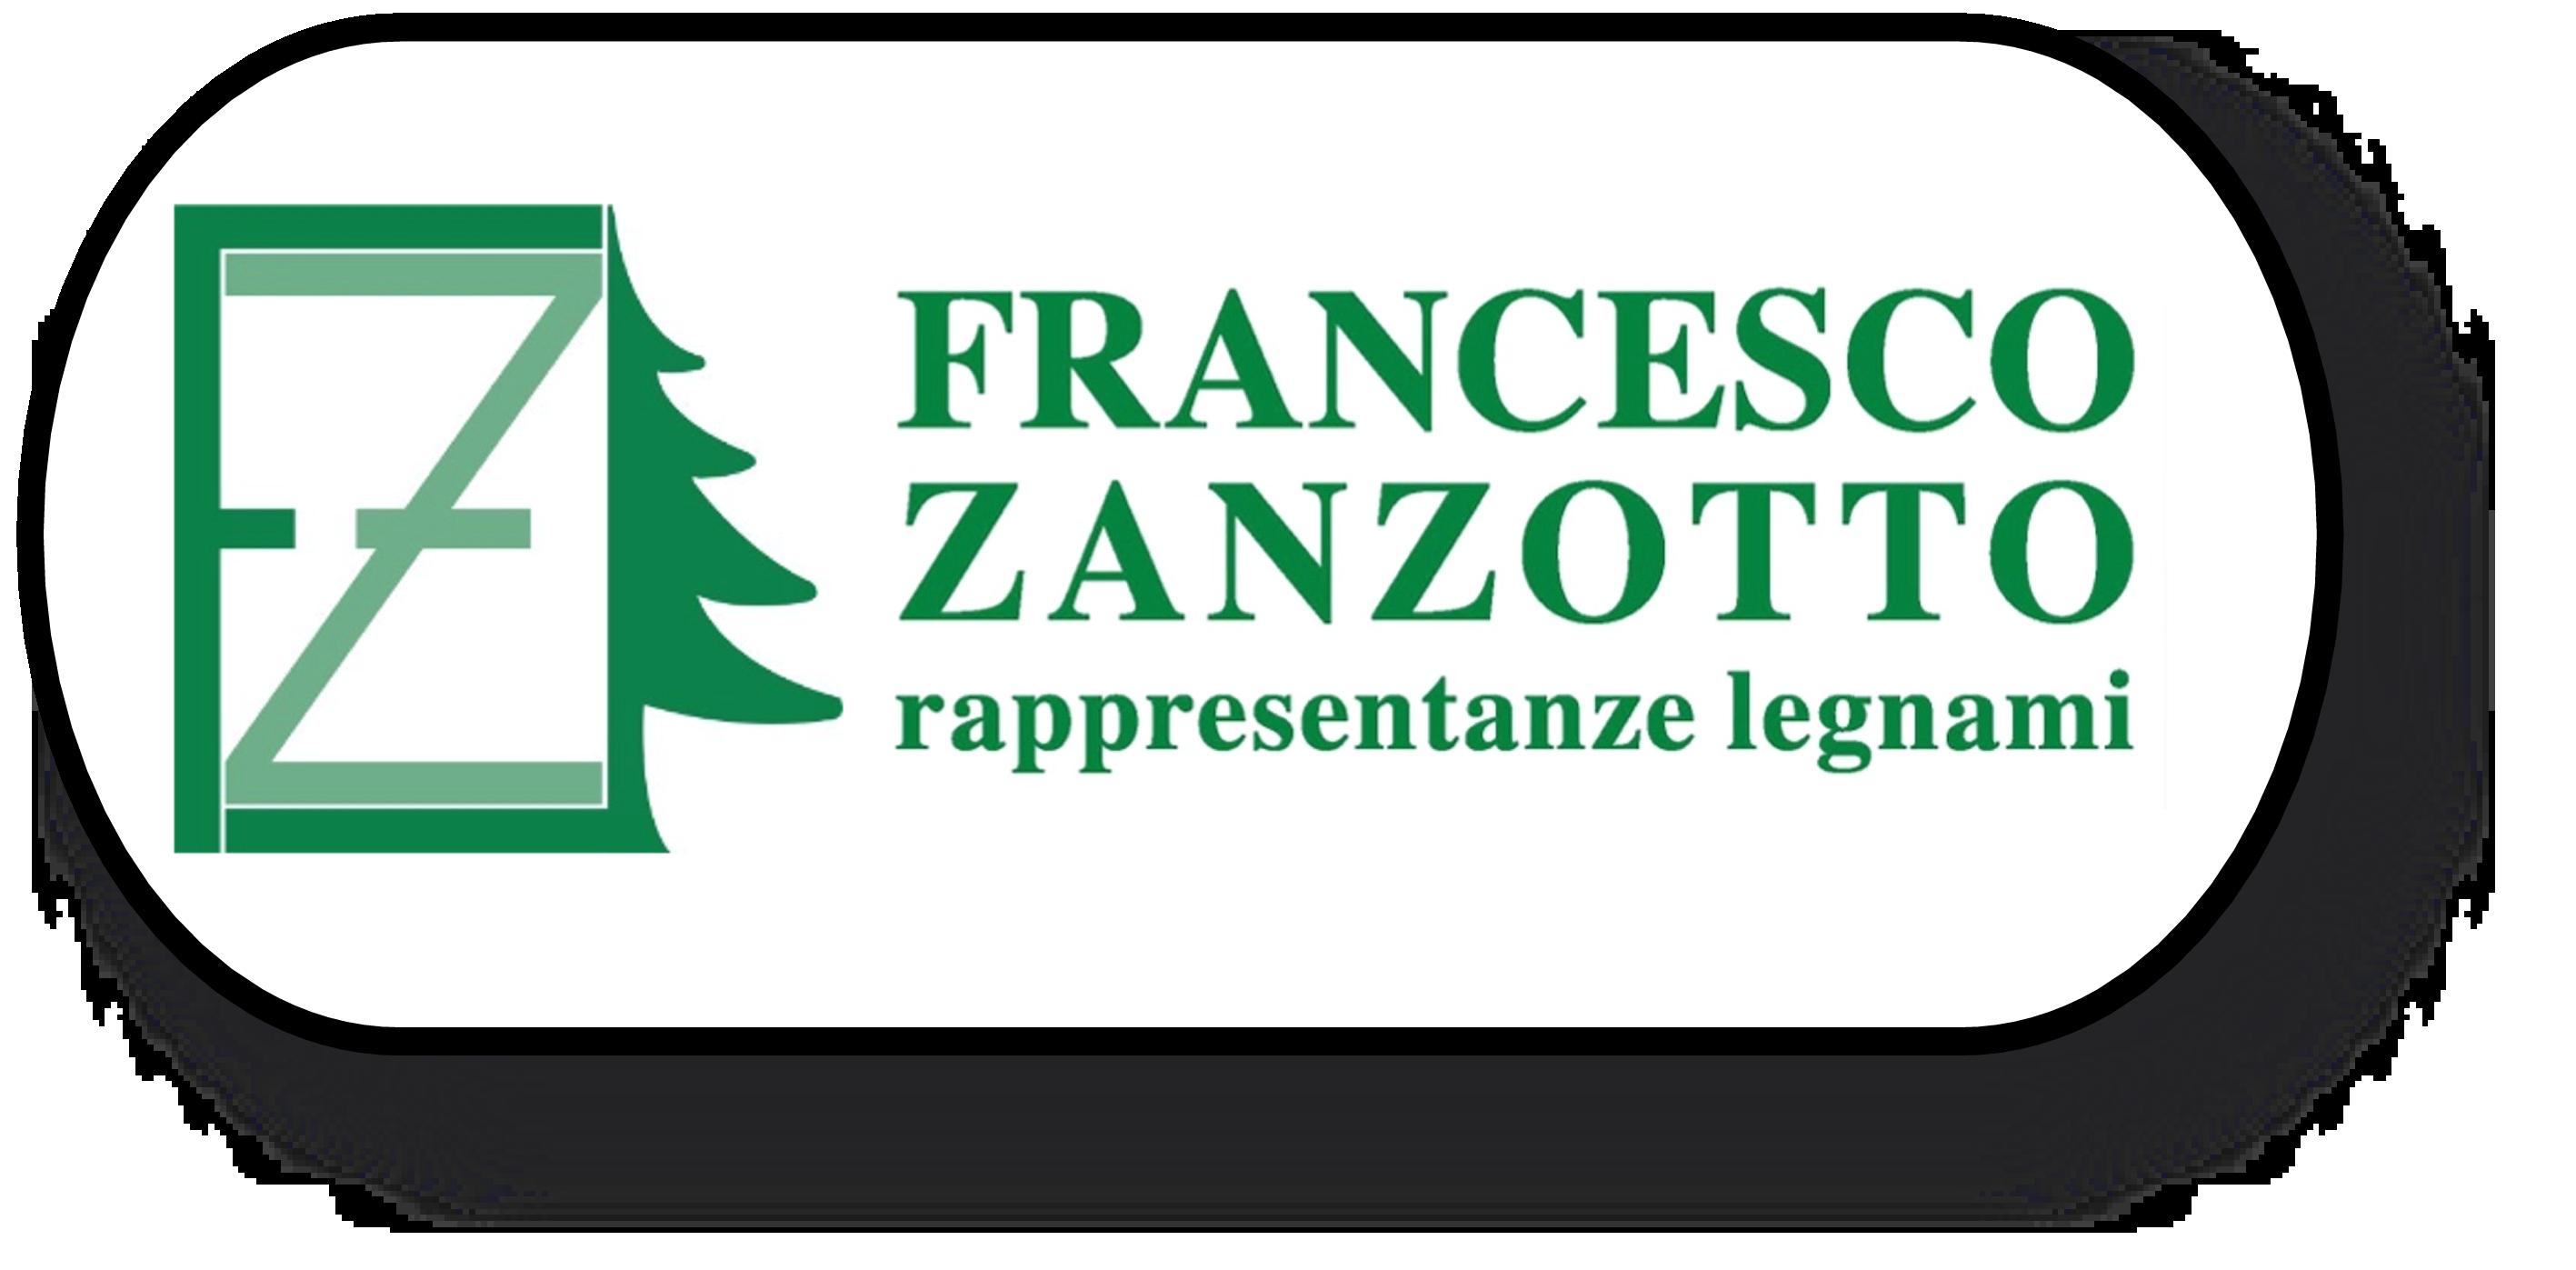 zanzotto